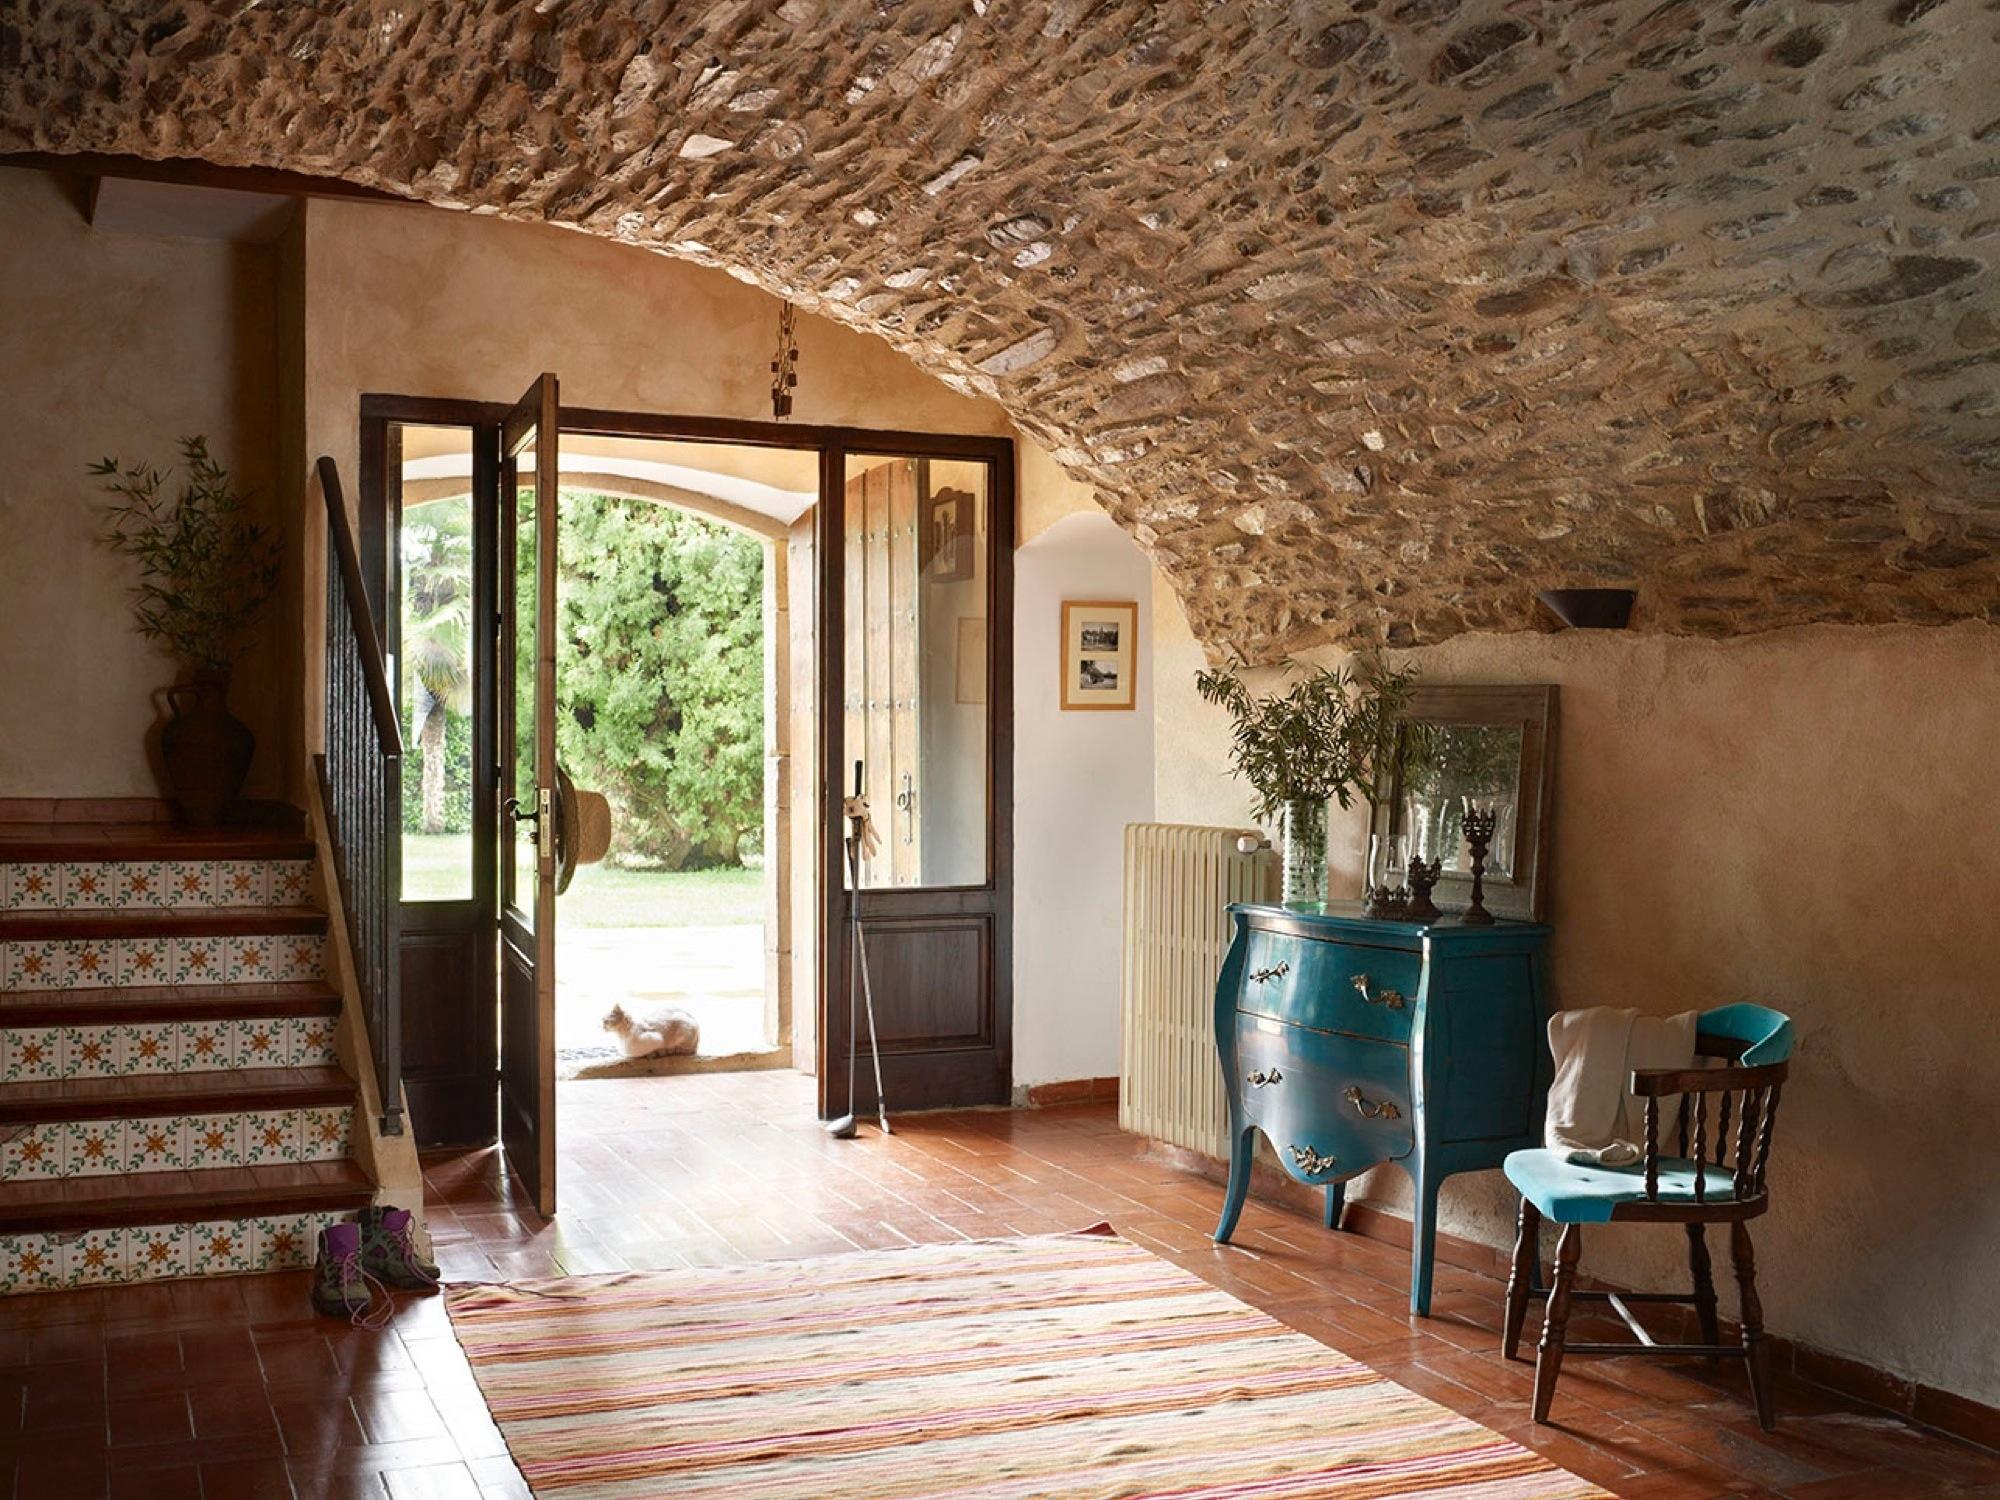 Fotos de recibidores r sticos con encanto - Como pintar una casa rustica ...